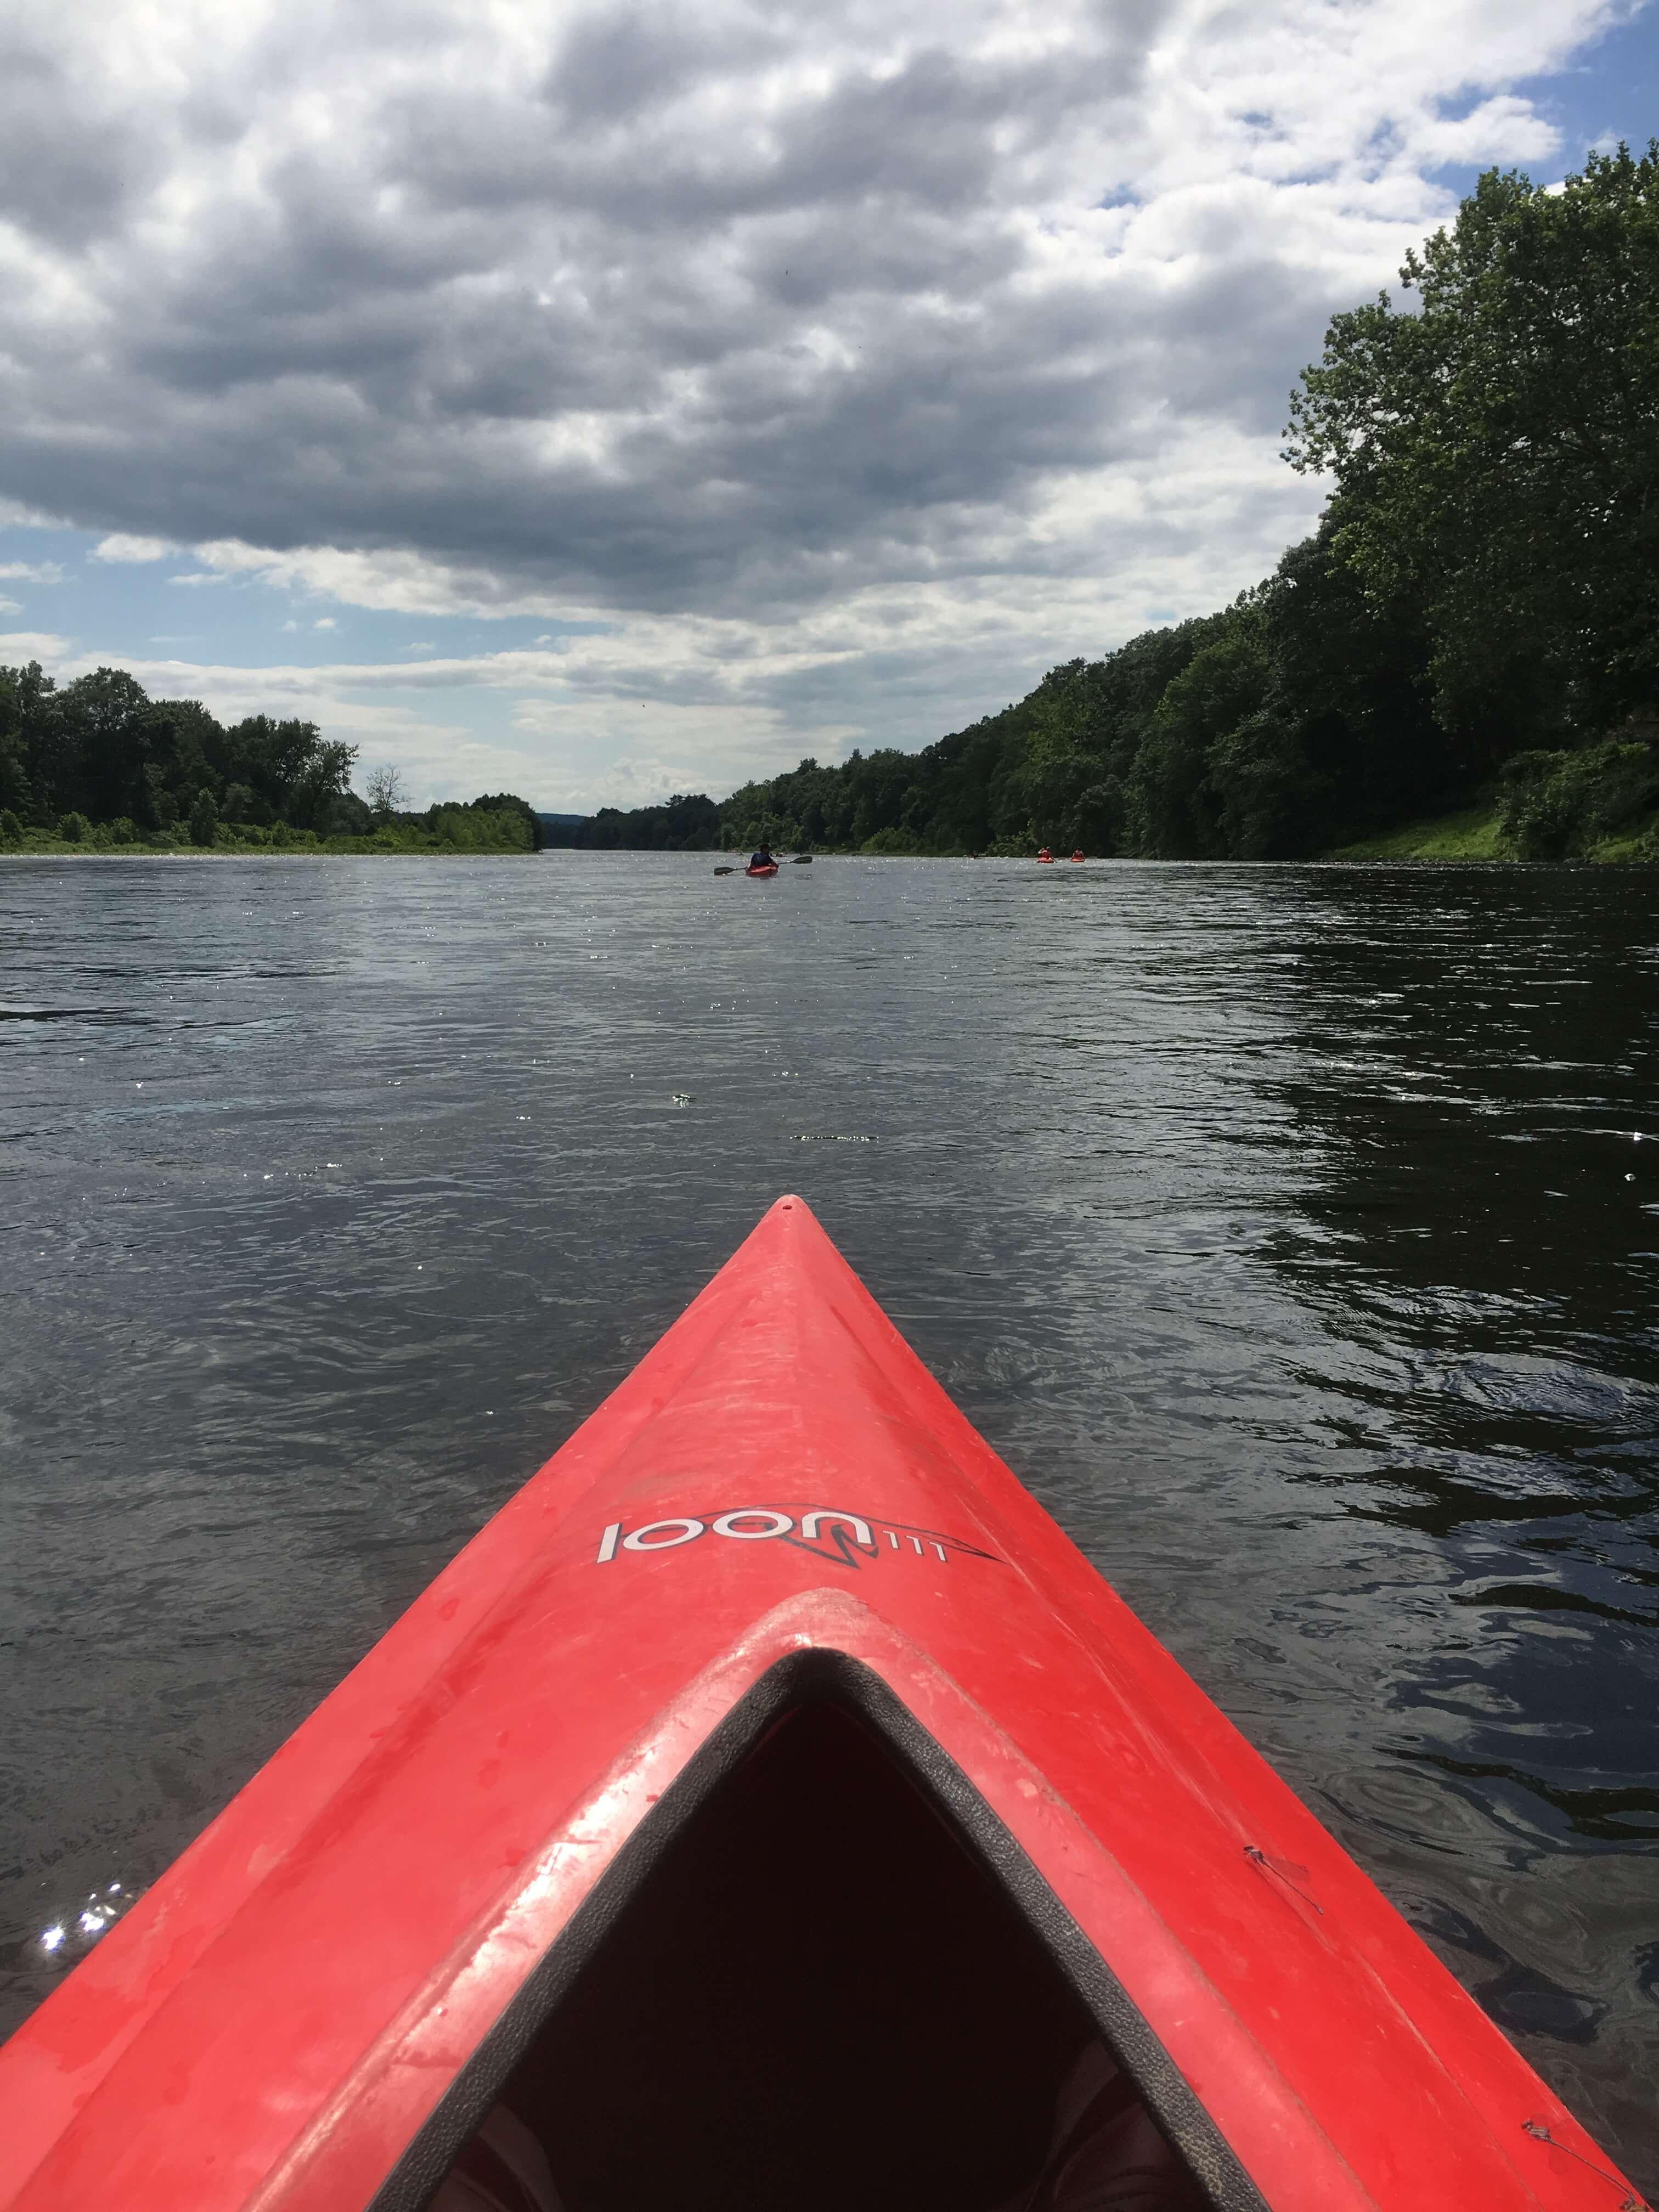 day trip canoe in PA